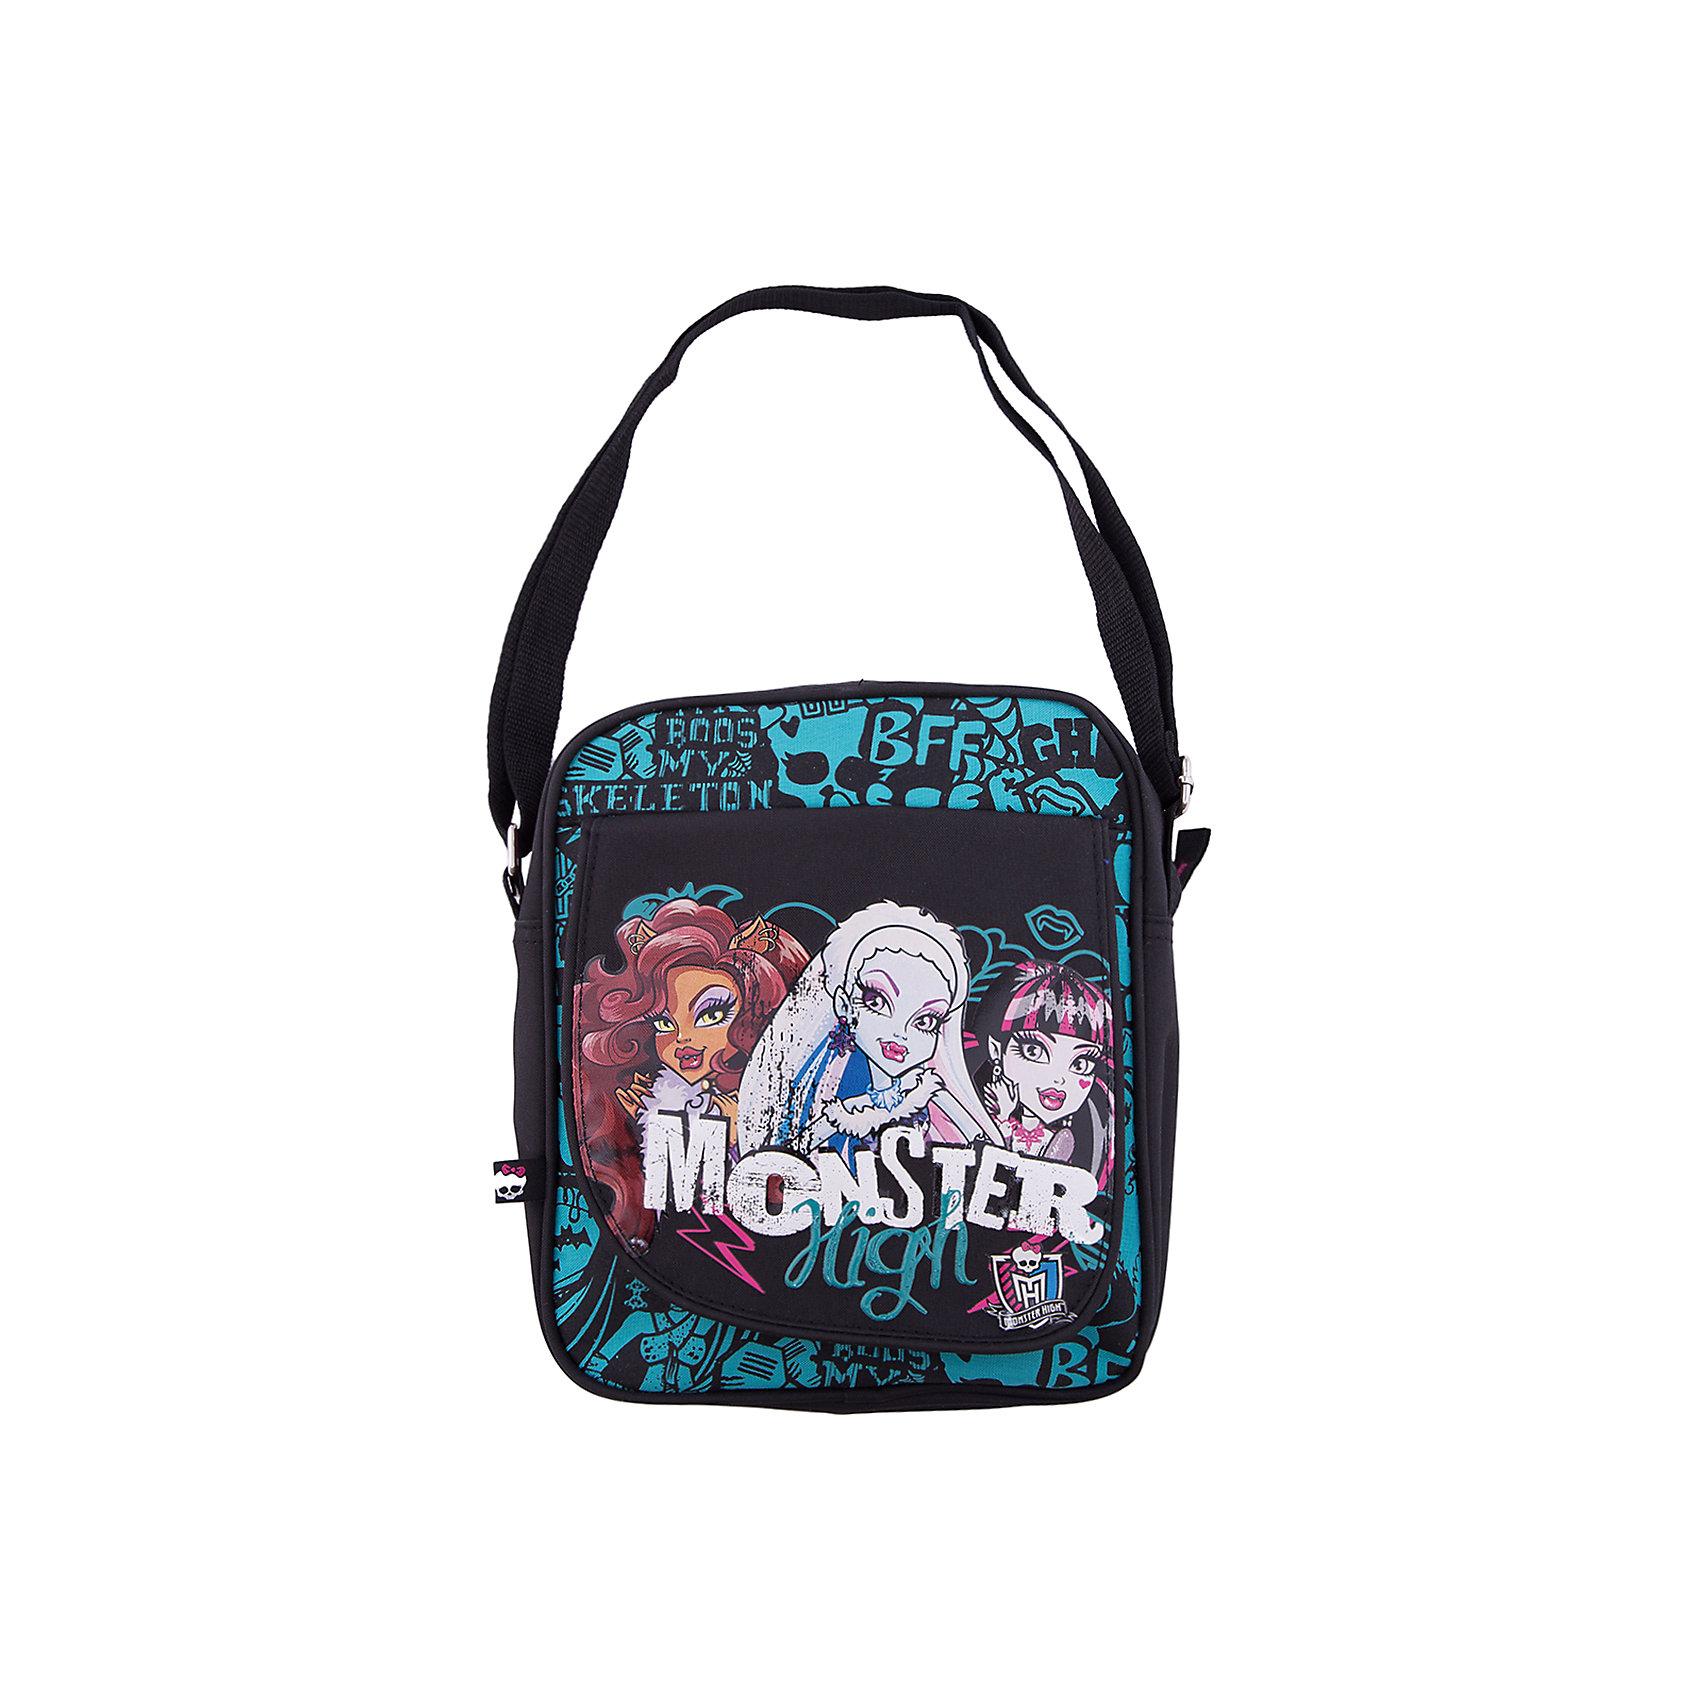 Сумка на плечо, Monster HighШкольные сумки<br>Сумка на плечо Monster High (Монстер Хай) - это тот аксессуар современной школьницы, который поможет девочке подчеркнуть свою индивидуальность и выделиться среди сверстниц. Сумка непременно понравится юным модницам! Маленькую и компактную сумочку удобно использовать во время путешествий и прогулок. Яркая сумка с уникальной расцветкой из прочного текстиля отлично держит форму, украшена декоративной отстрочкой и  застегивается на надежную молнию. В сумочке удобное основное отделение и красивый наружный карман. Карман застегивается на клапан с изображением героинь Monster High (Монстер Хай). Сумка из текстиля почти невесомая, но вместительная, благодаря удобному наплечному ремню с регулировкой длины подойдет для девочек любого роста.<br><br>Дополнительная информация:<br><br>- Дизайн сумки выдержан в стиле мультфильма Monster High (Монстер Хай);<br>- Внутри есть большое отделение для вещей;<br>- Спереди имеется дополнительный карман;<br>- Для комфортного использования у сумки есть длинная регулируемая ручка;<br>- Яркий дизайн идеален для девочек;<br>- Легкая и компактная;<br>- Регулируемый по длине плечевой ремень позволяет носить сумку как на плече, так и через плечо;<br>- Сумка надежно закрывается на молнию;<br>- Размер: 23 х 19,5 х 5 см;<br>- Материал: полиэстер;<br>- Вес: 320 г.<br><br>Сумку на плечо, Monster High (Монстер Хай) можно купить в нашем интернет-магазине.<br><br>Ширина мм: 350<br>Глубина мм: 350<br>Высота мм: 200<br>Вес г: 500<br>Возраст от месяцев: 120<br>Возраст до месяцев: 144<br>Пол: Женский<br>Возраст: Детский<br>SKU: 3563370